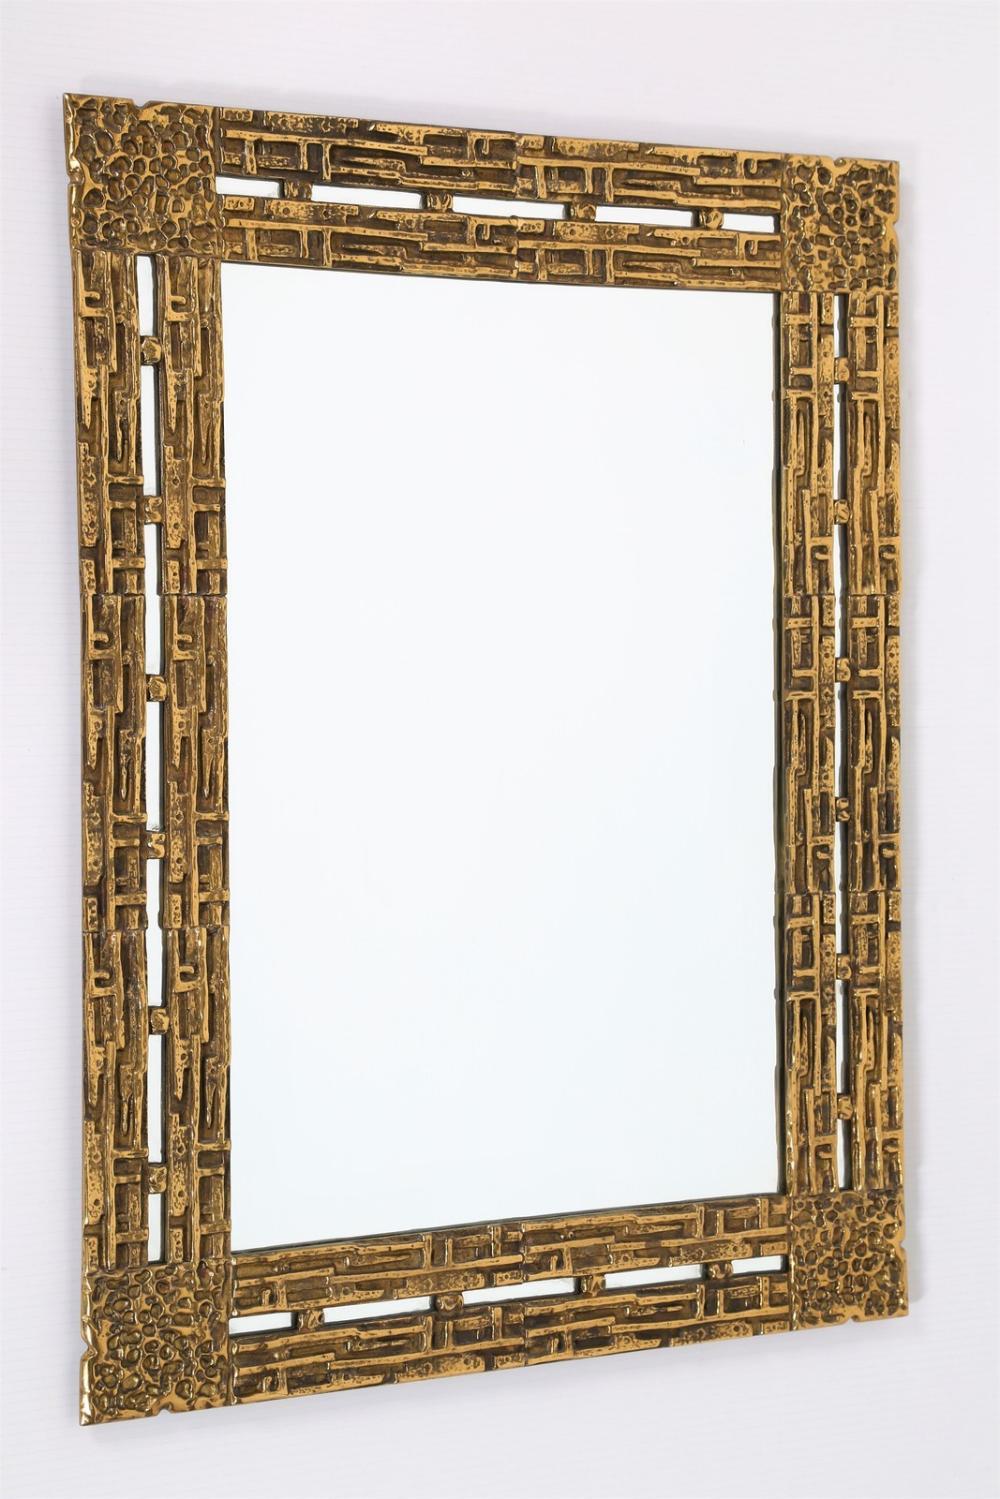 FRIGERIO LUCIANO Mirror